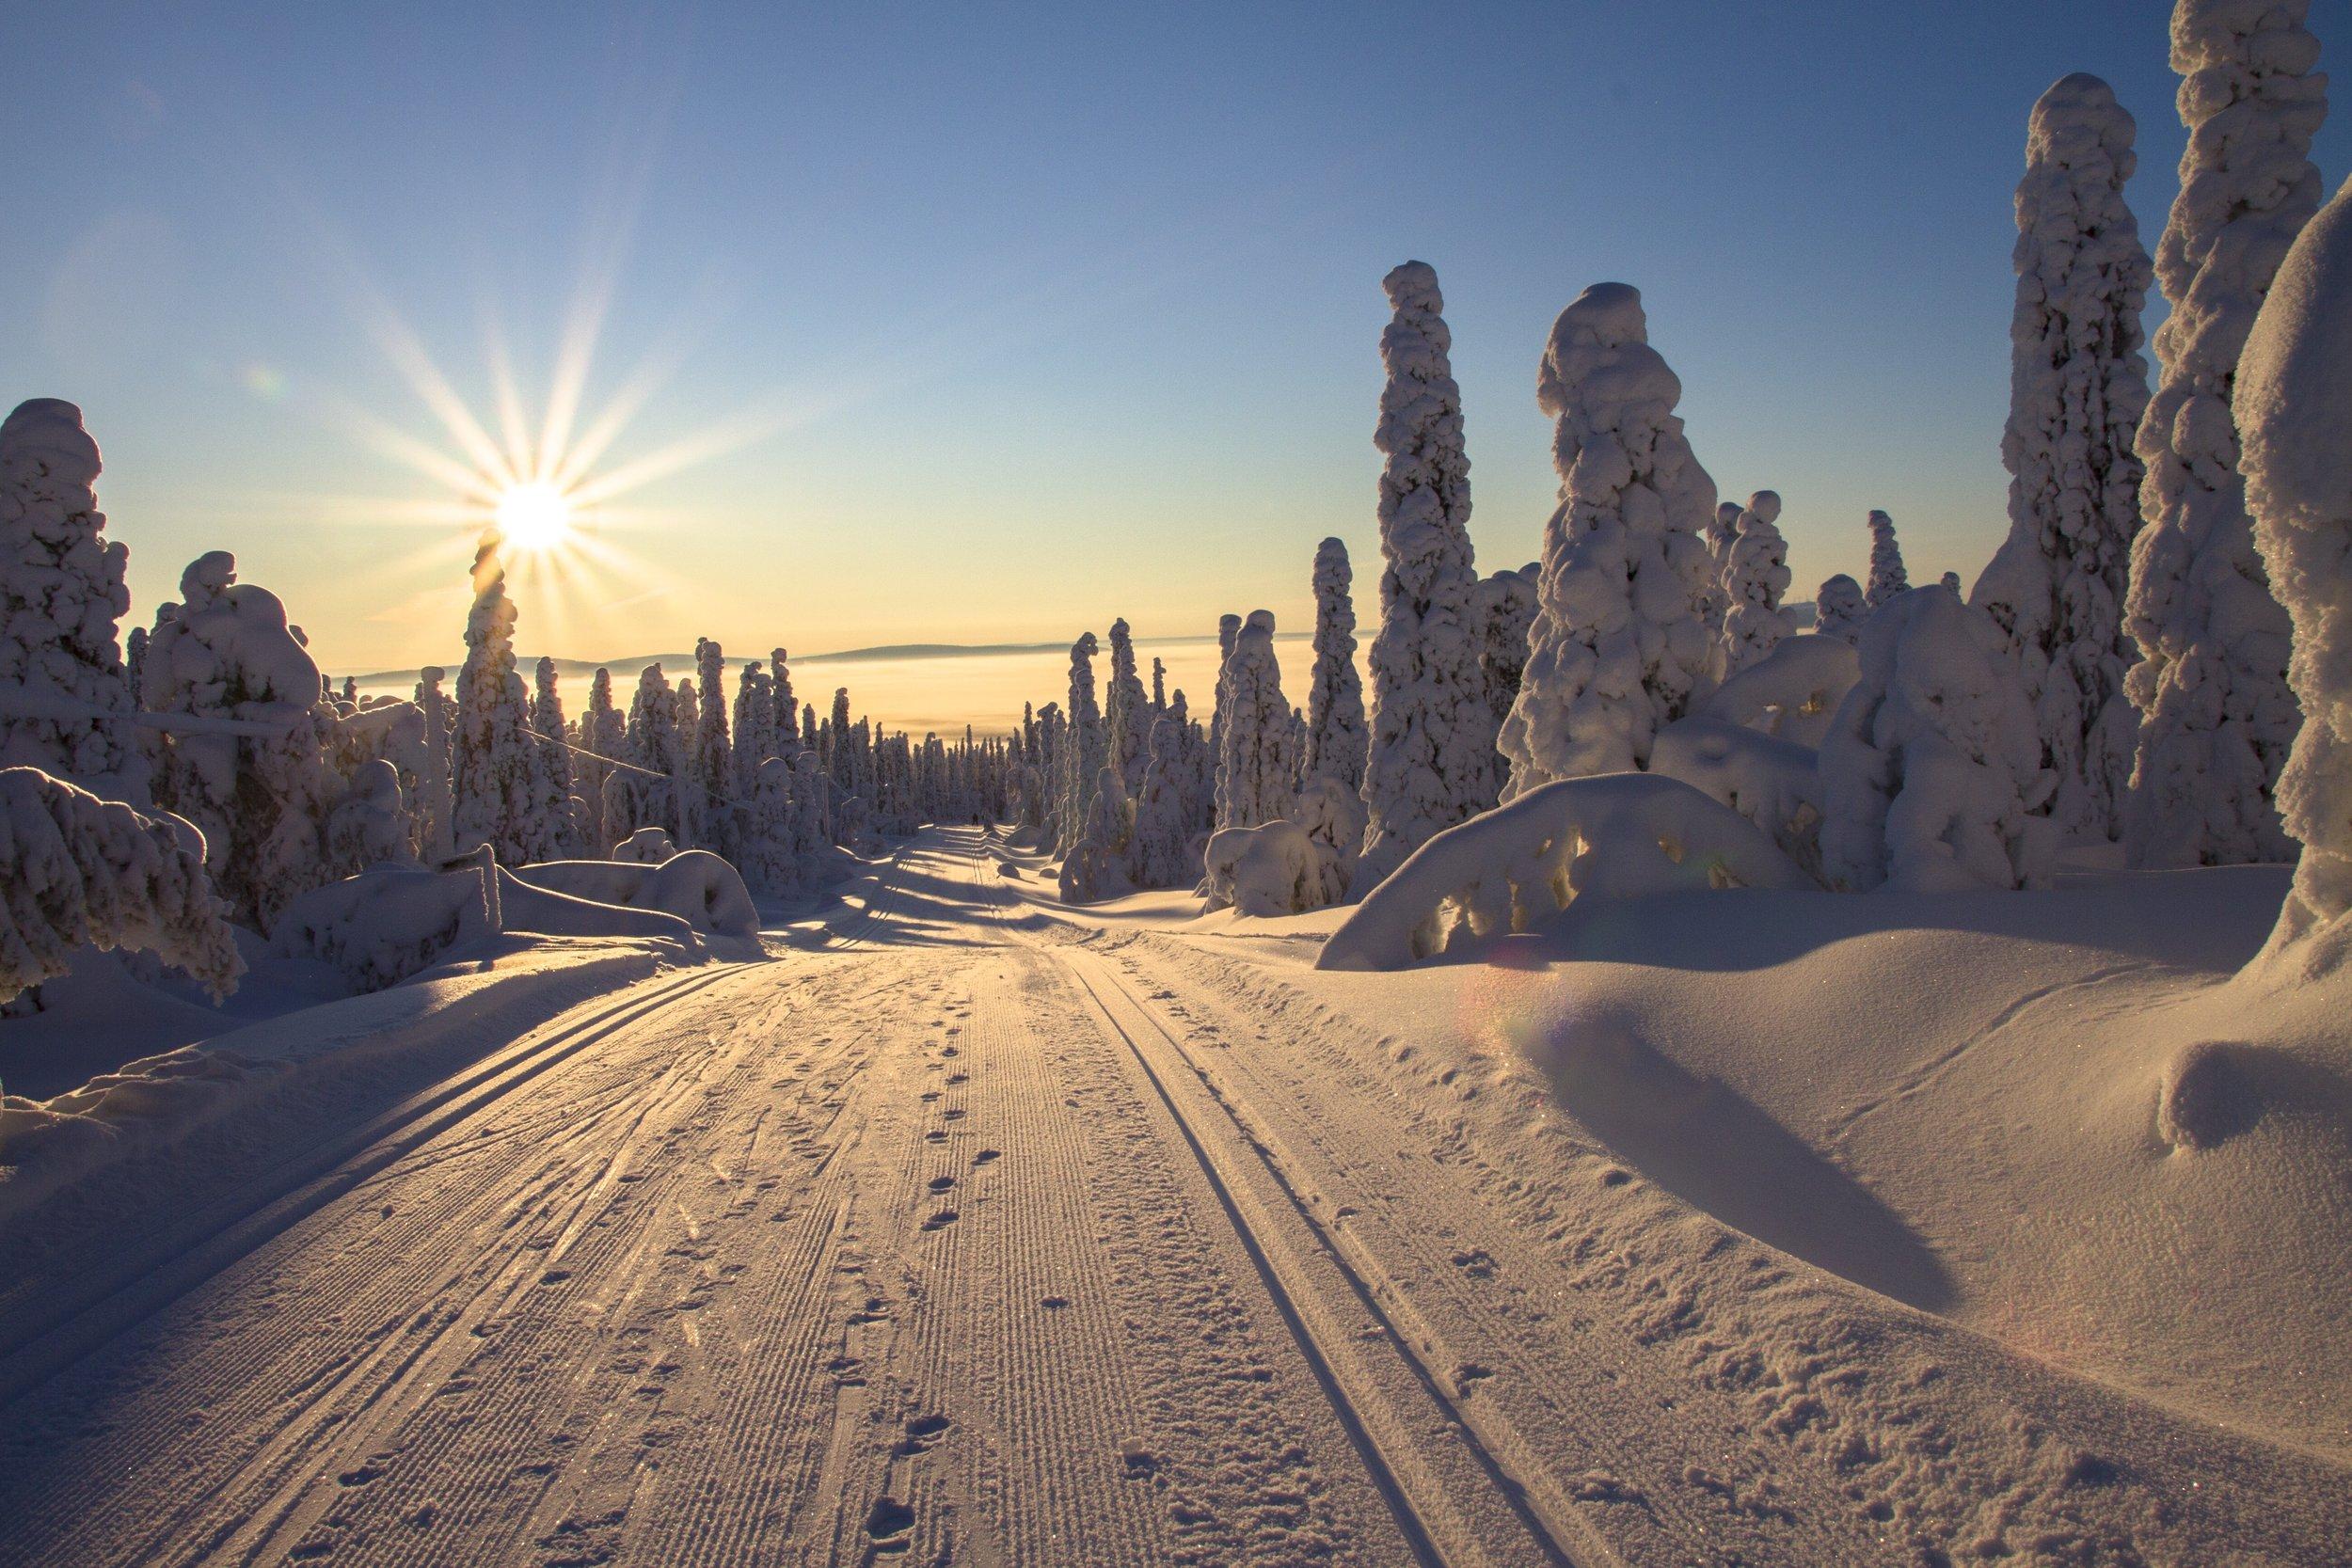 Tornedalsloppet cross-country ski race Övertorneå